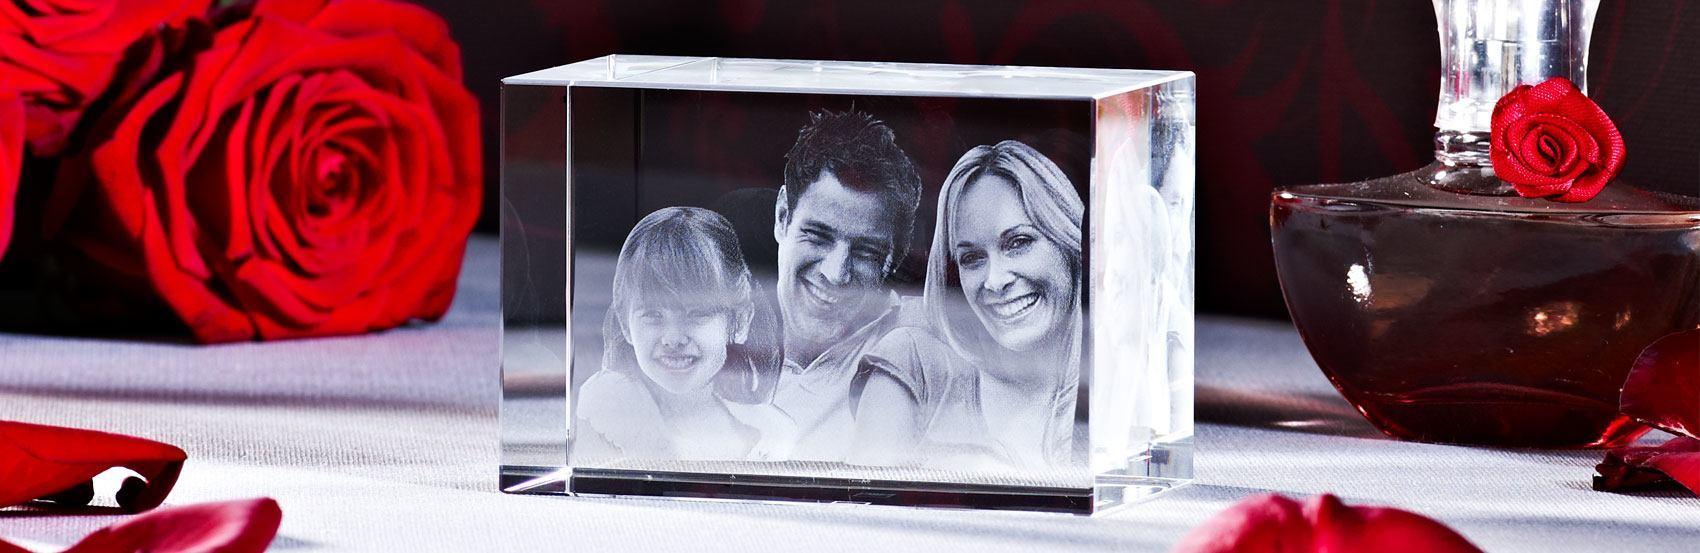 Wie wär's mit einem schicken Familienfoto als Geschenk zum Muttertag?.